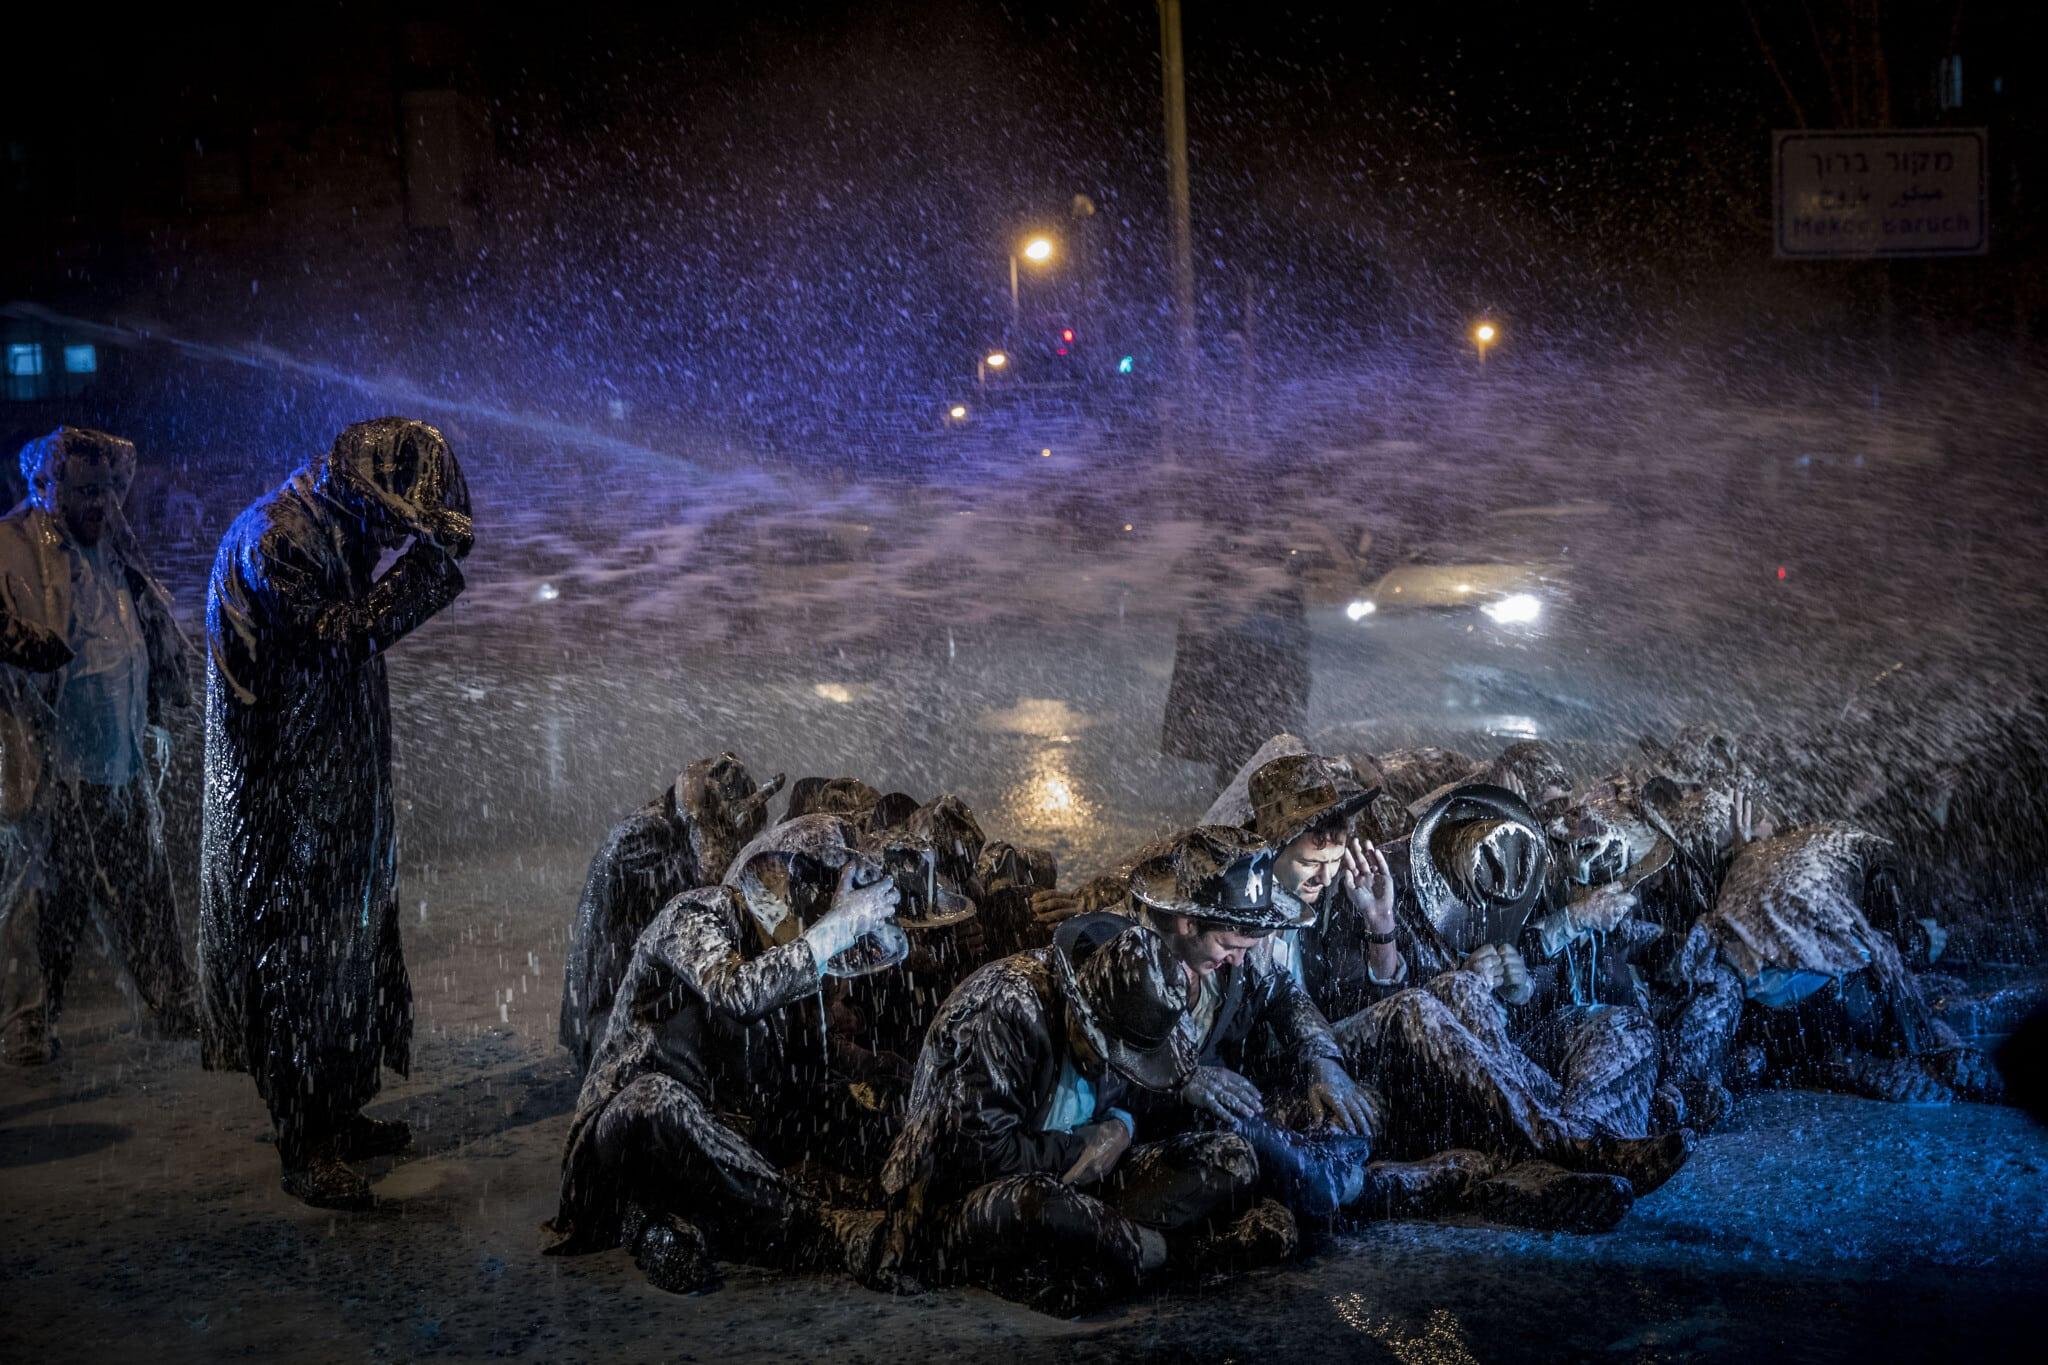 """המכת""""זית בשימוש בפיזור הפגנת החרדים בירושלים נגד חוק הגיוס, ב-23 במרץ 2017 (צילום: יונתן זינדל/פלאש90)"""